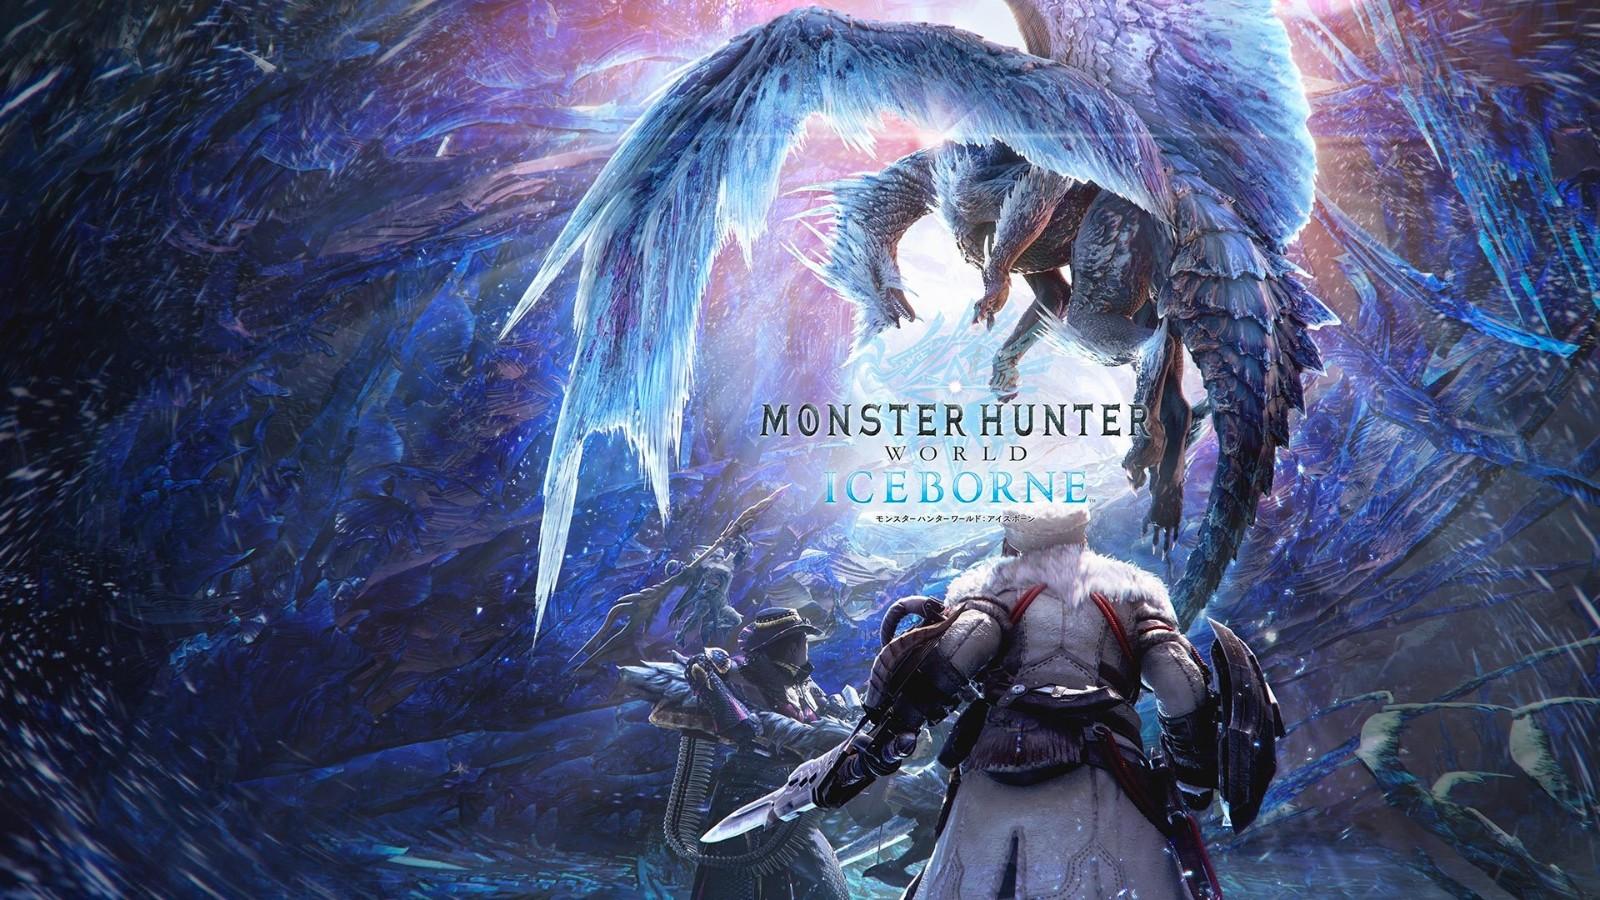 《怪物猎人世界 Iceborne》发售日确定 大批新情报发表